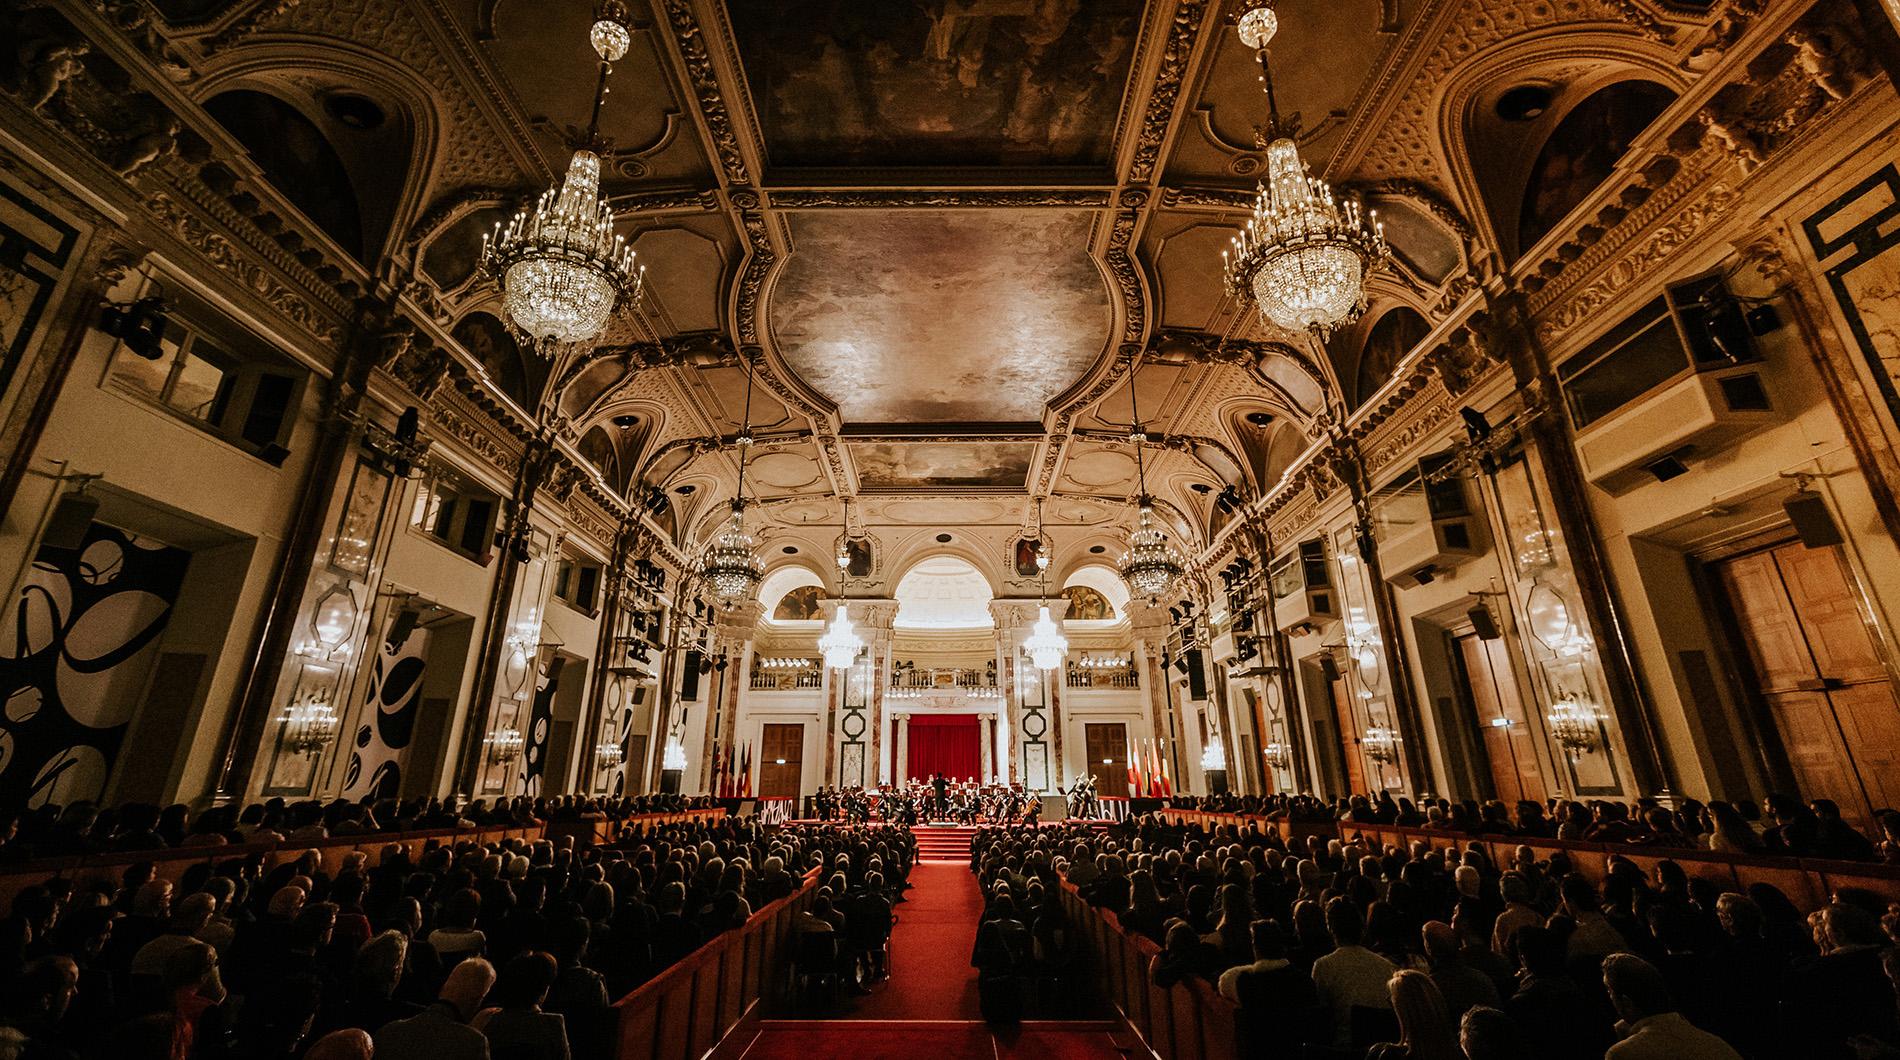 La salle des fête de la Hofburg de Vienne au concert de Noël 2018